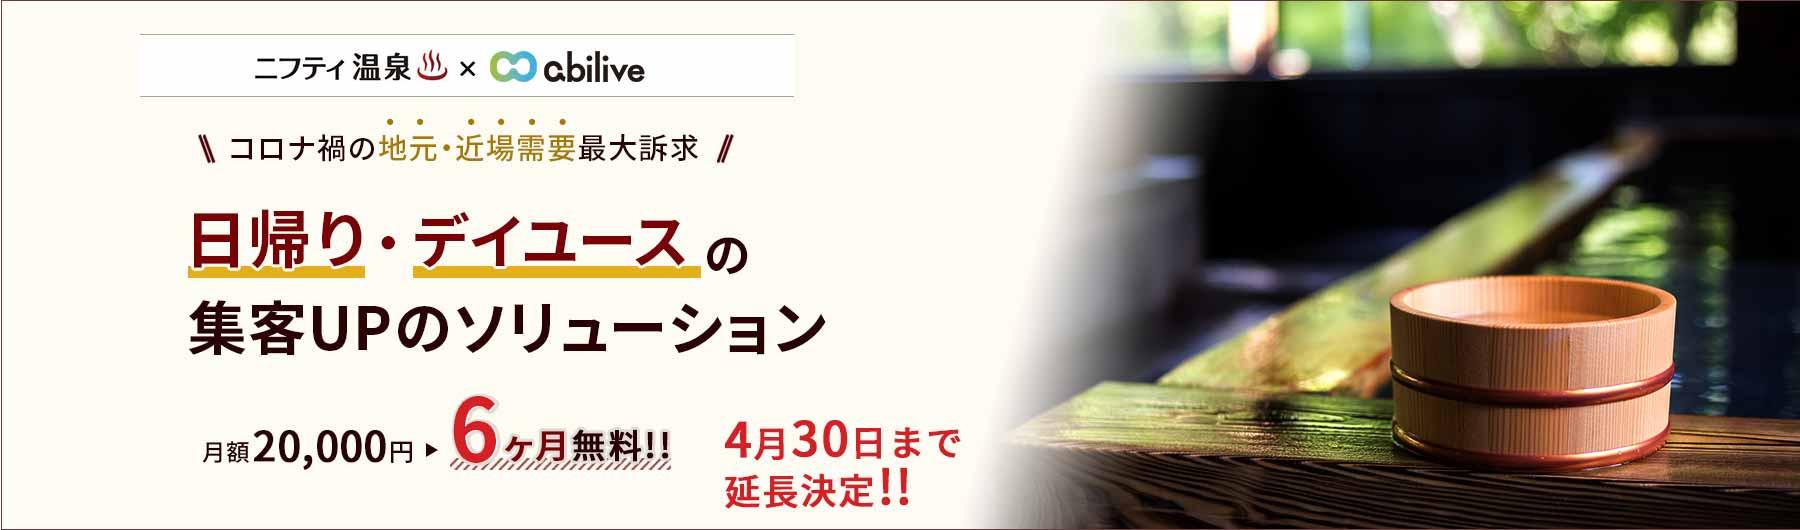 【ニフティ温泉×アビリブ】日帰り・デイユース訴求の新しい提案<ニフティ温泉 リッチスタイル>